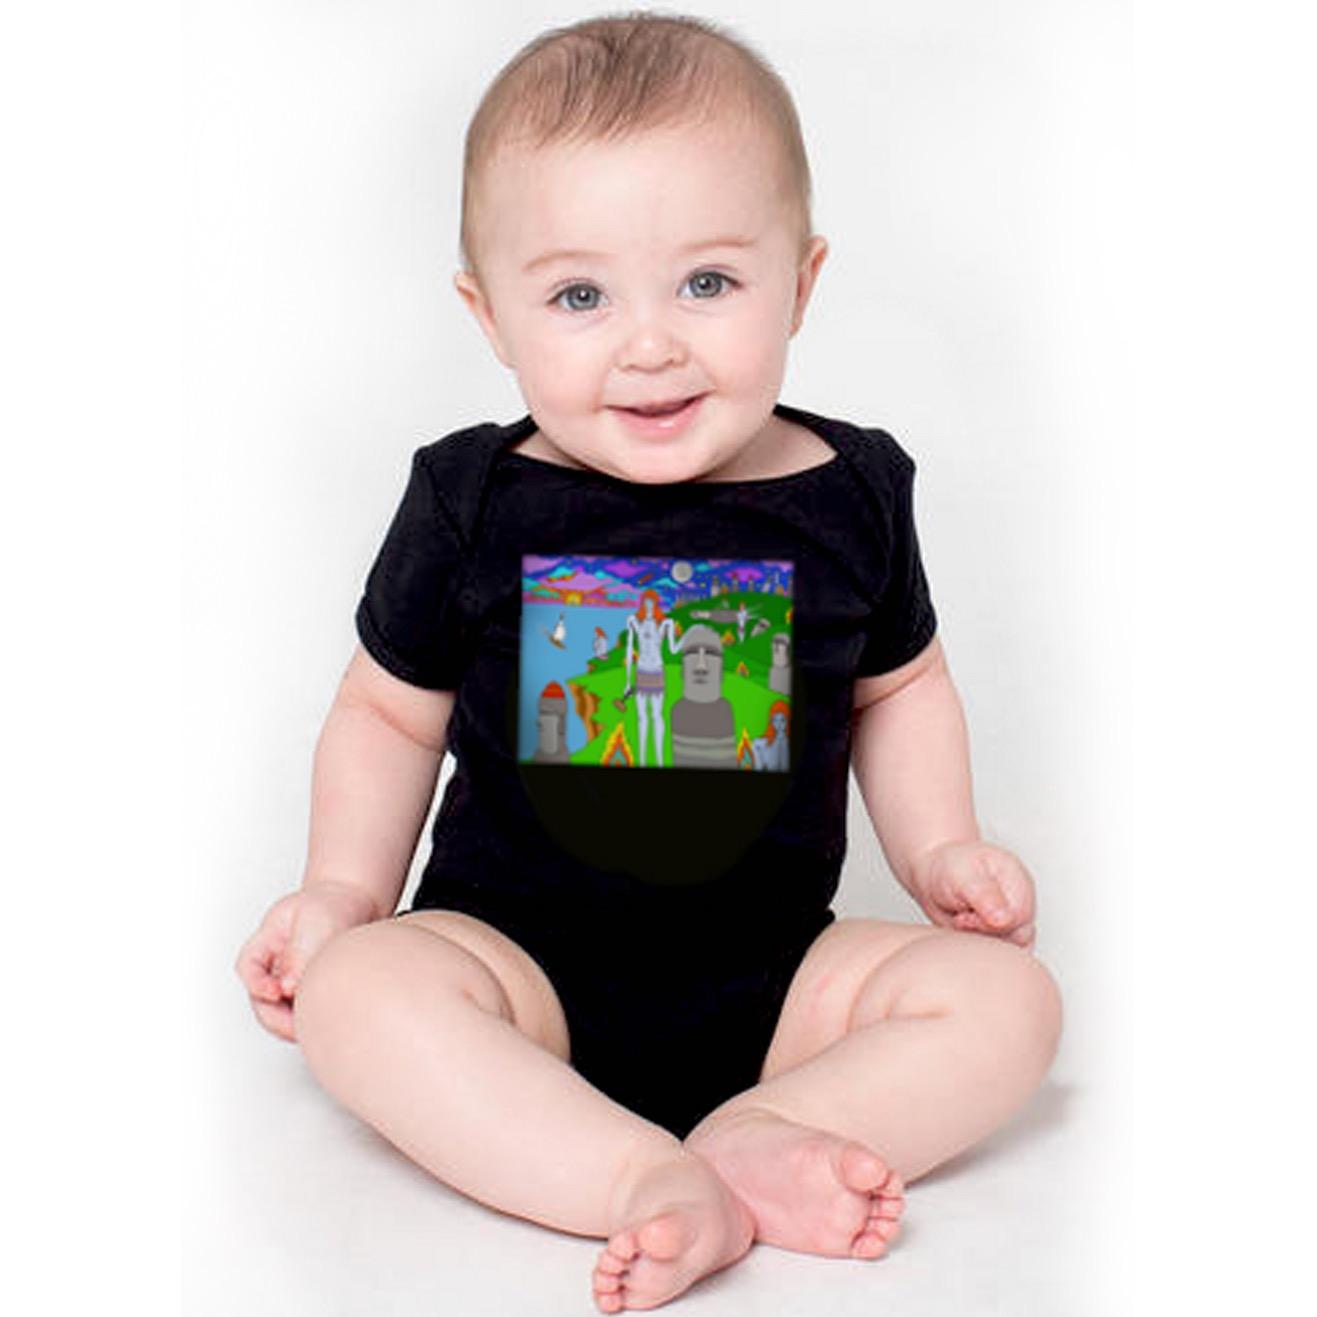 Baby-Onesie copy 20.jpg